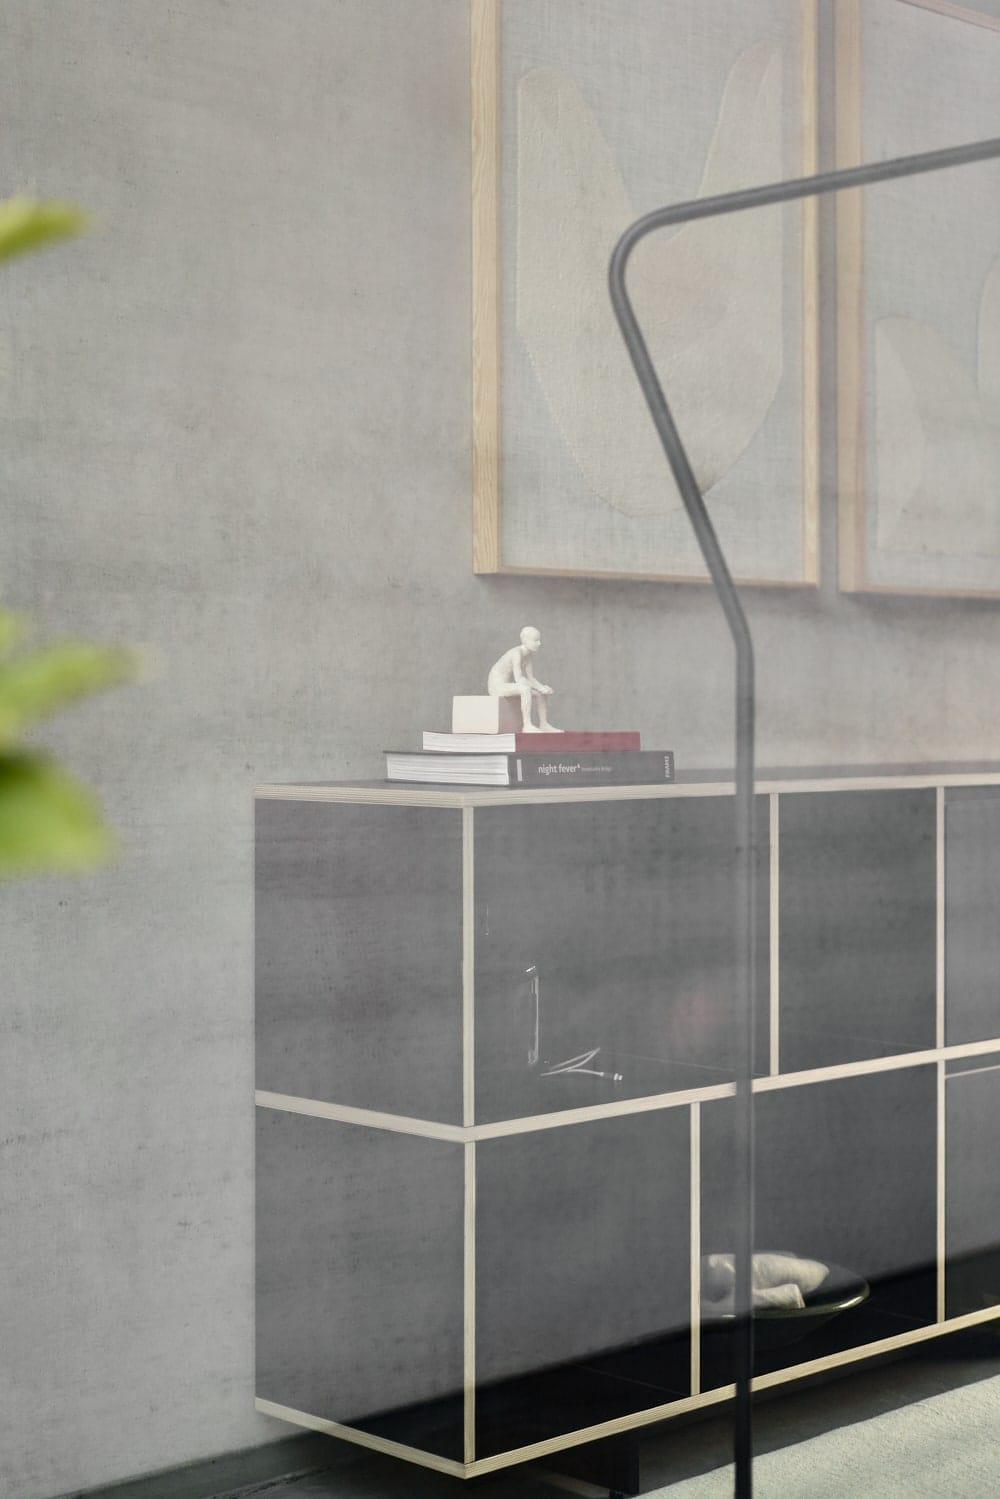 yarmush-commercial-tylko-200721182918-1373